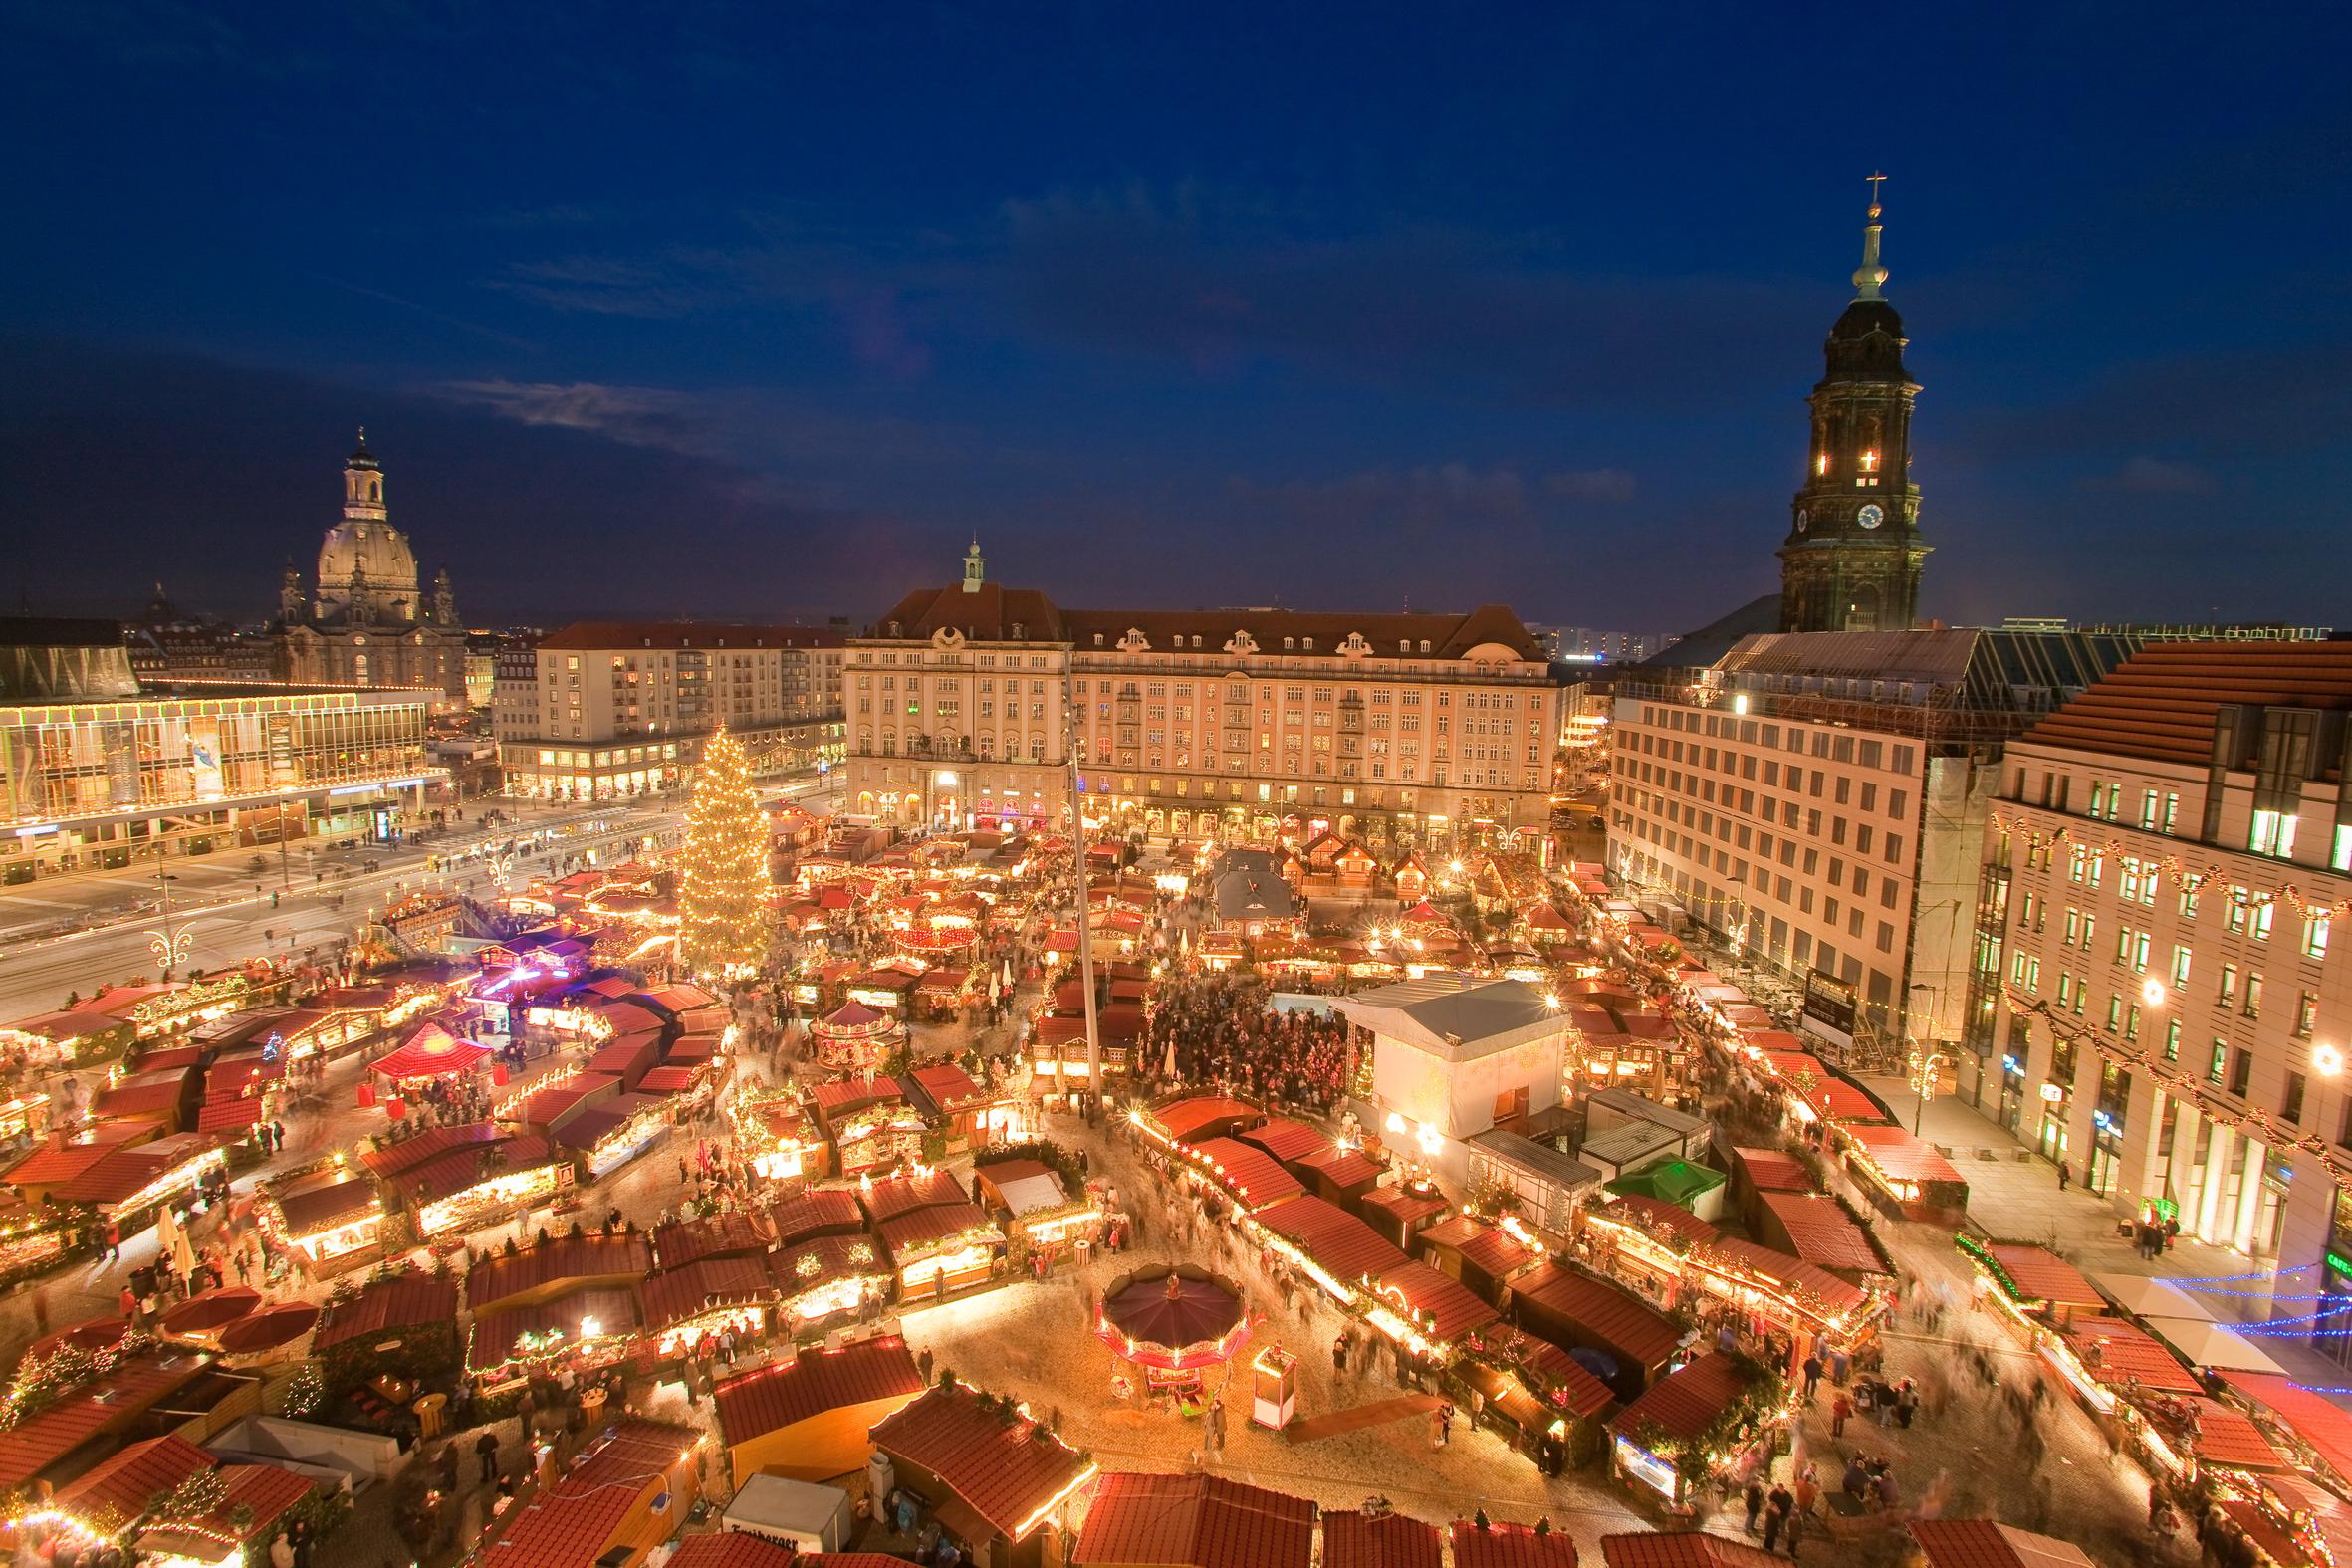 Piata de Craciun Striezelmarkt Dresda Germania